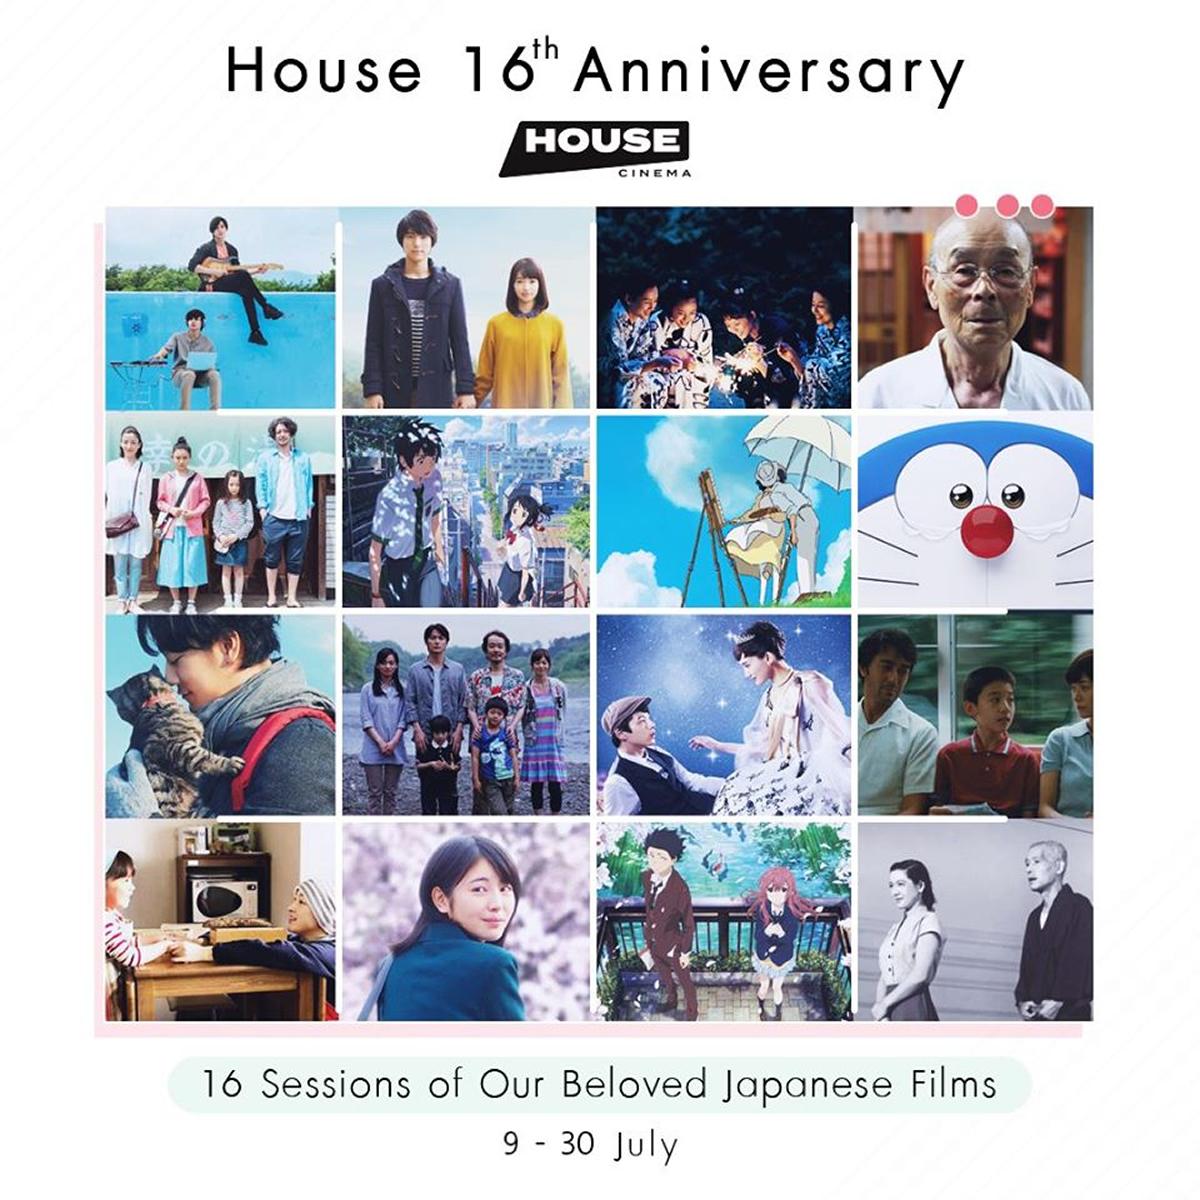 バンコクの映画館「HOUSE」、16周年記念で日本映画16作品上映